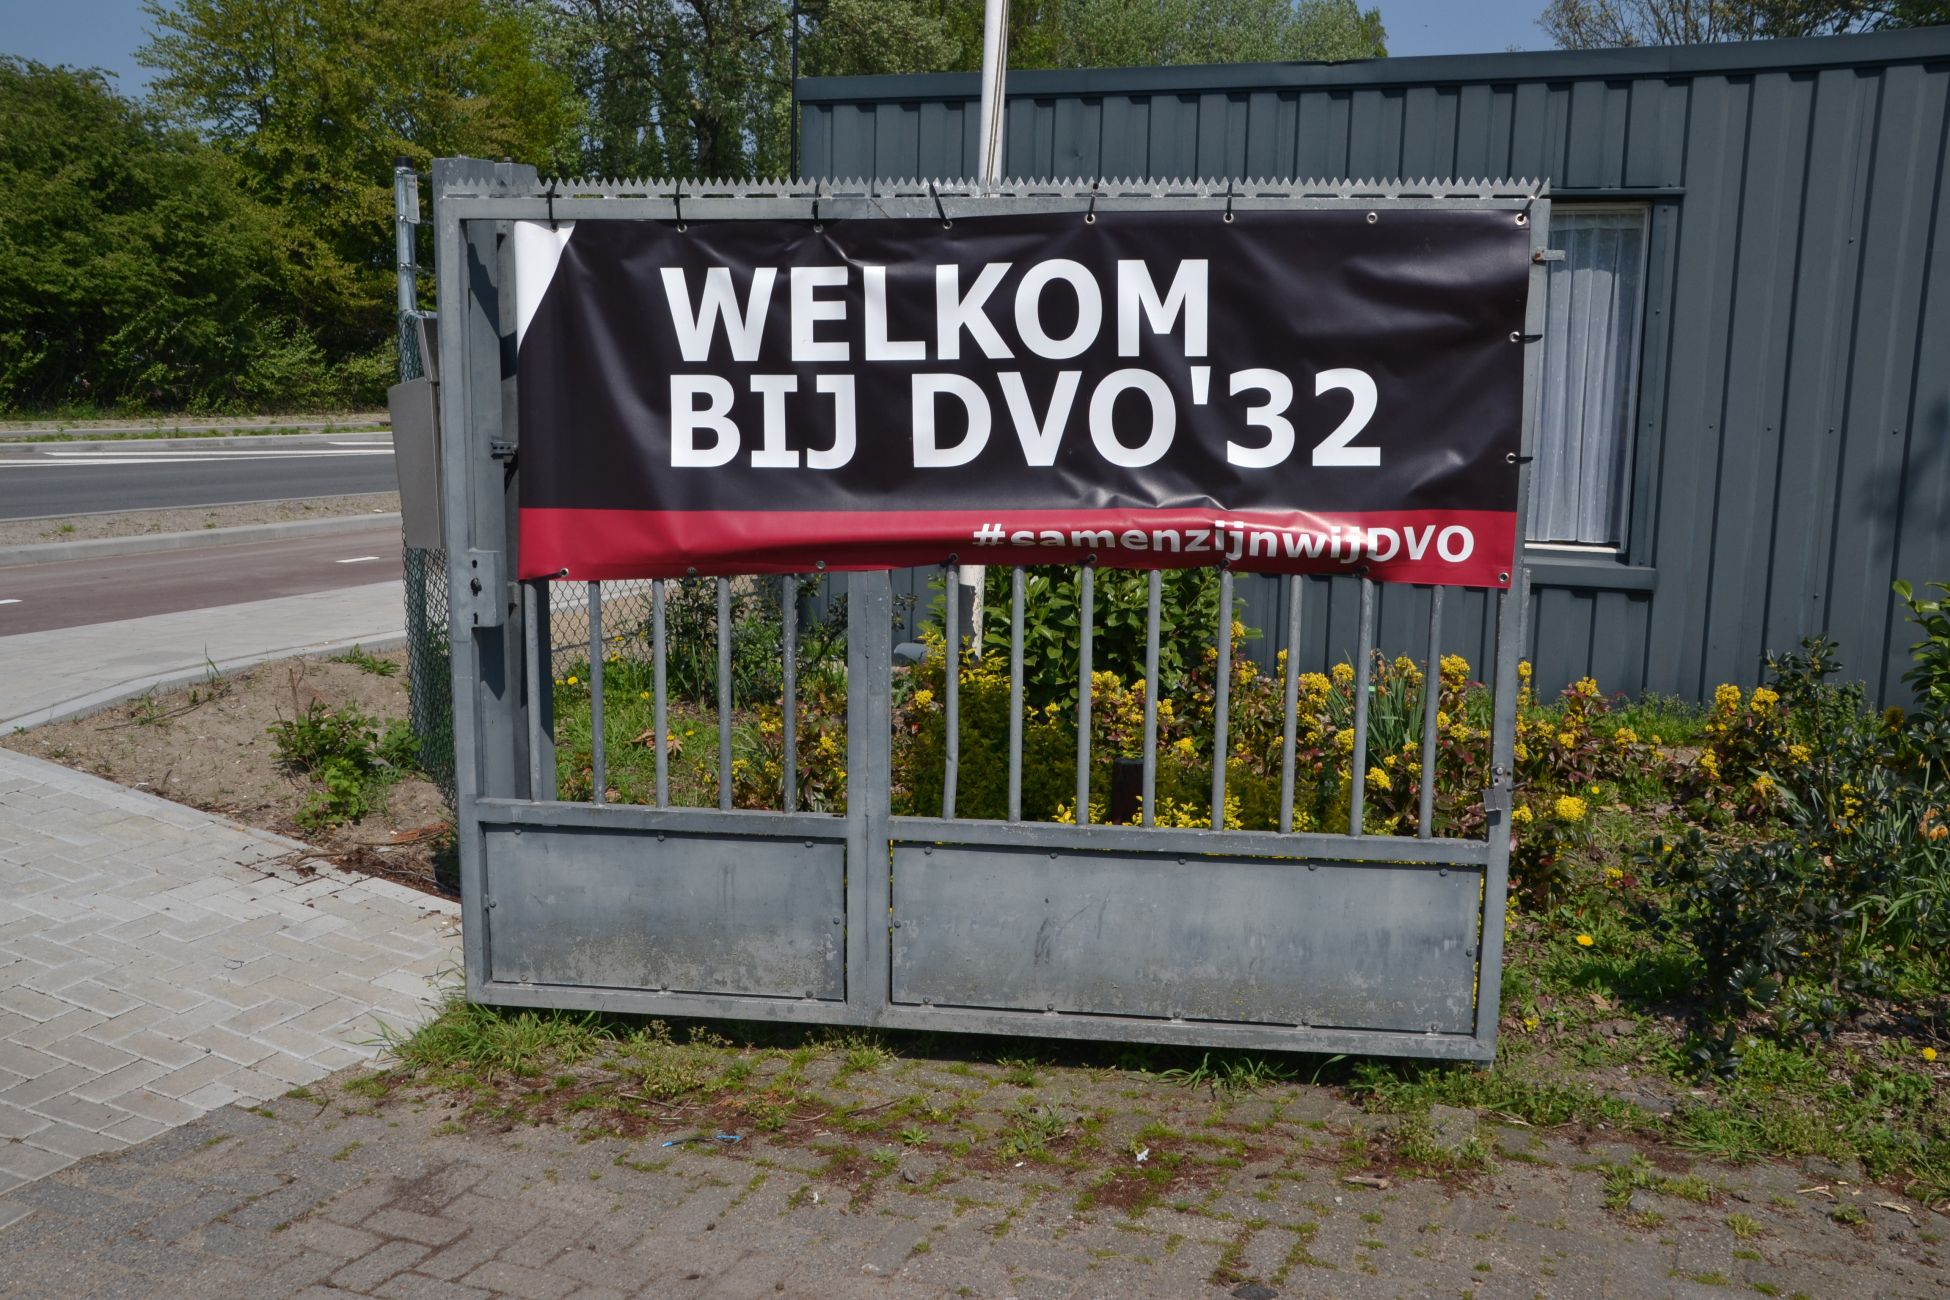 DVO'32 veel sterker in Vlaardingse derby